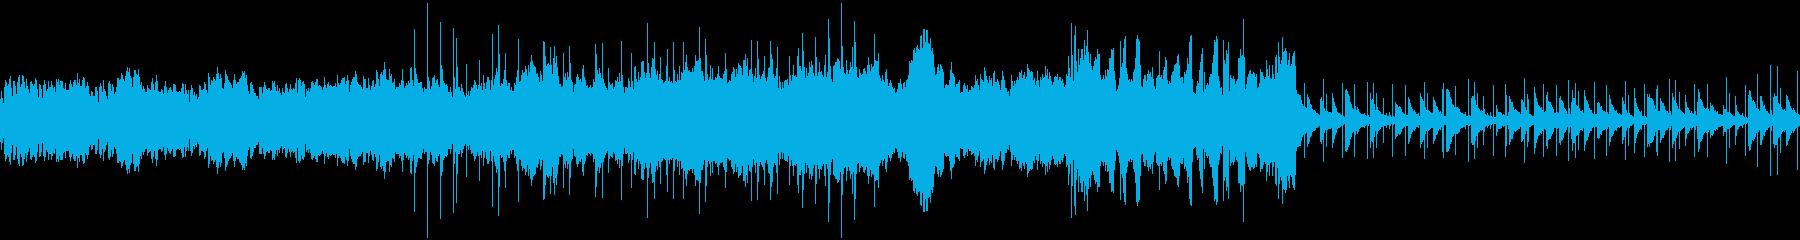 切ない感じのオーボエと弦の再生済みの波形